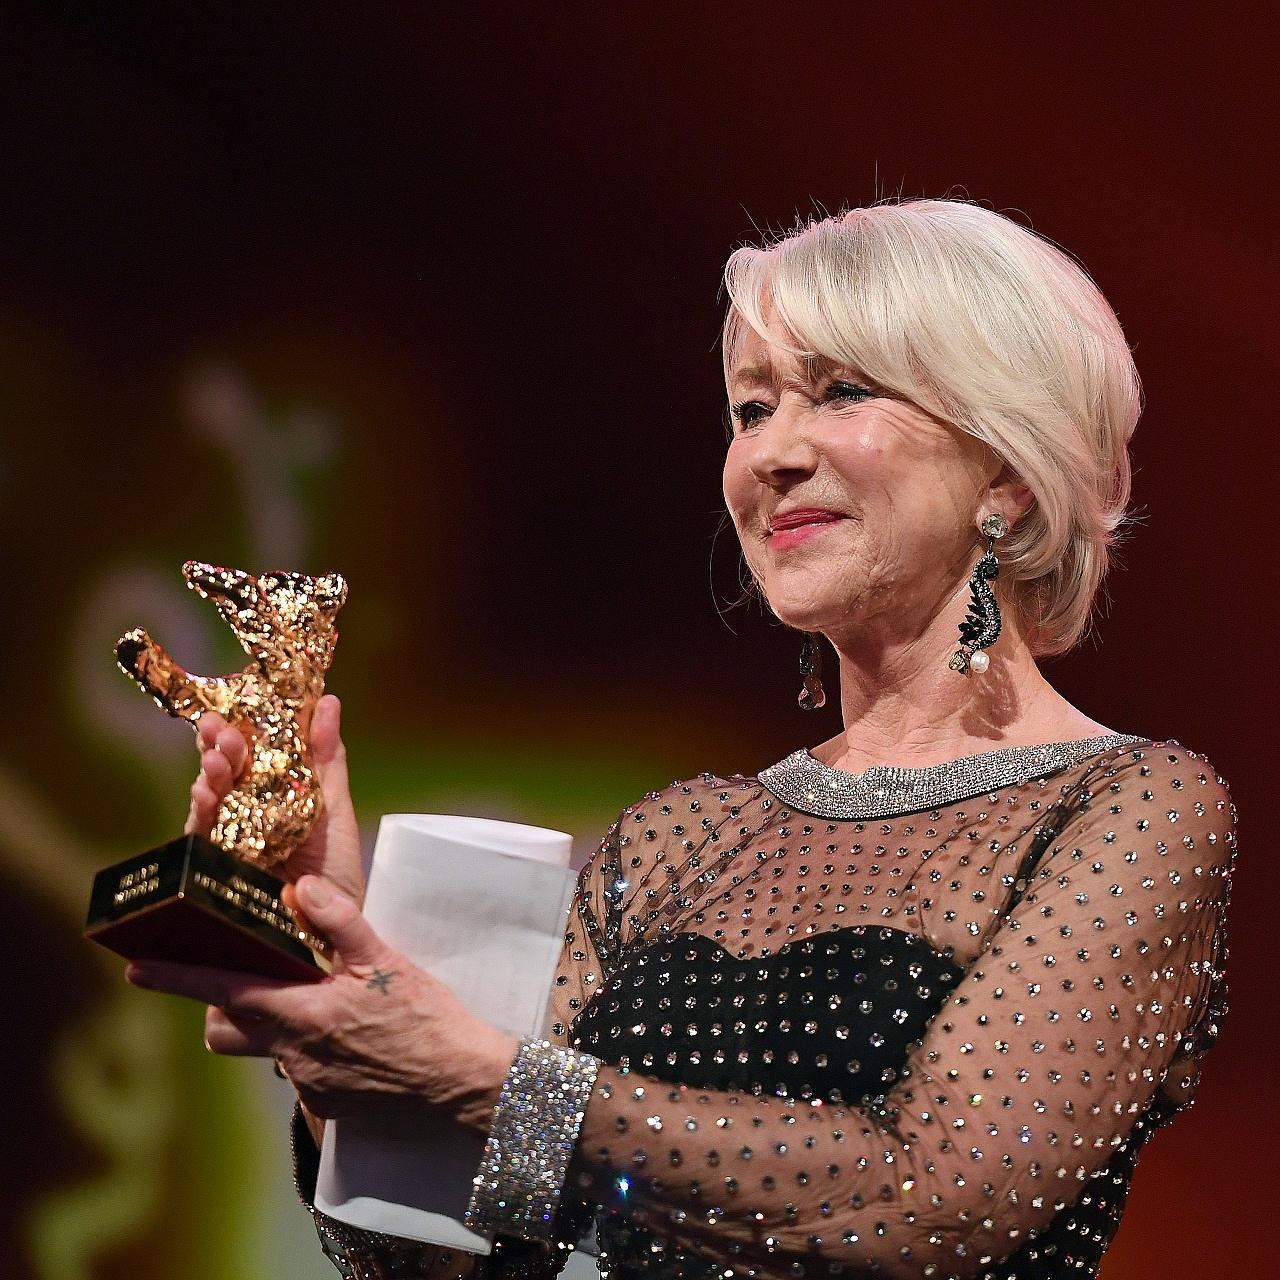 Iráni film nyerte a Berlinale fődíját